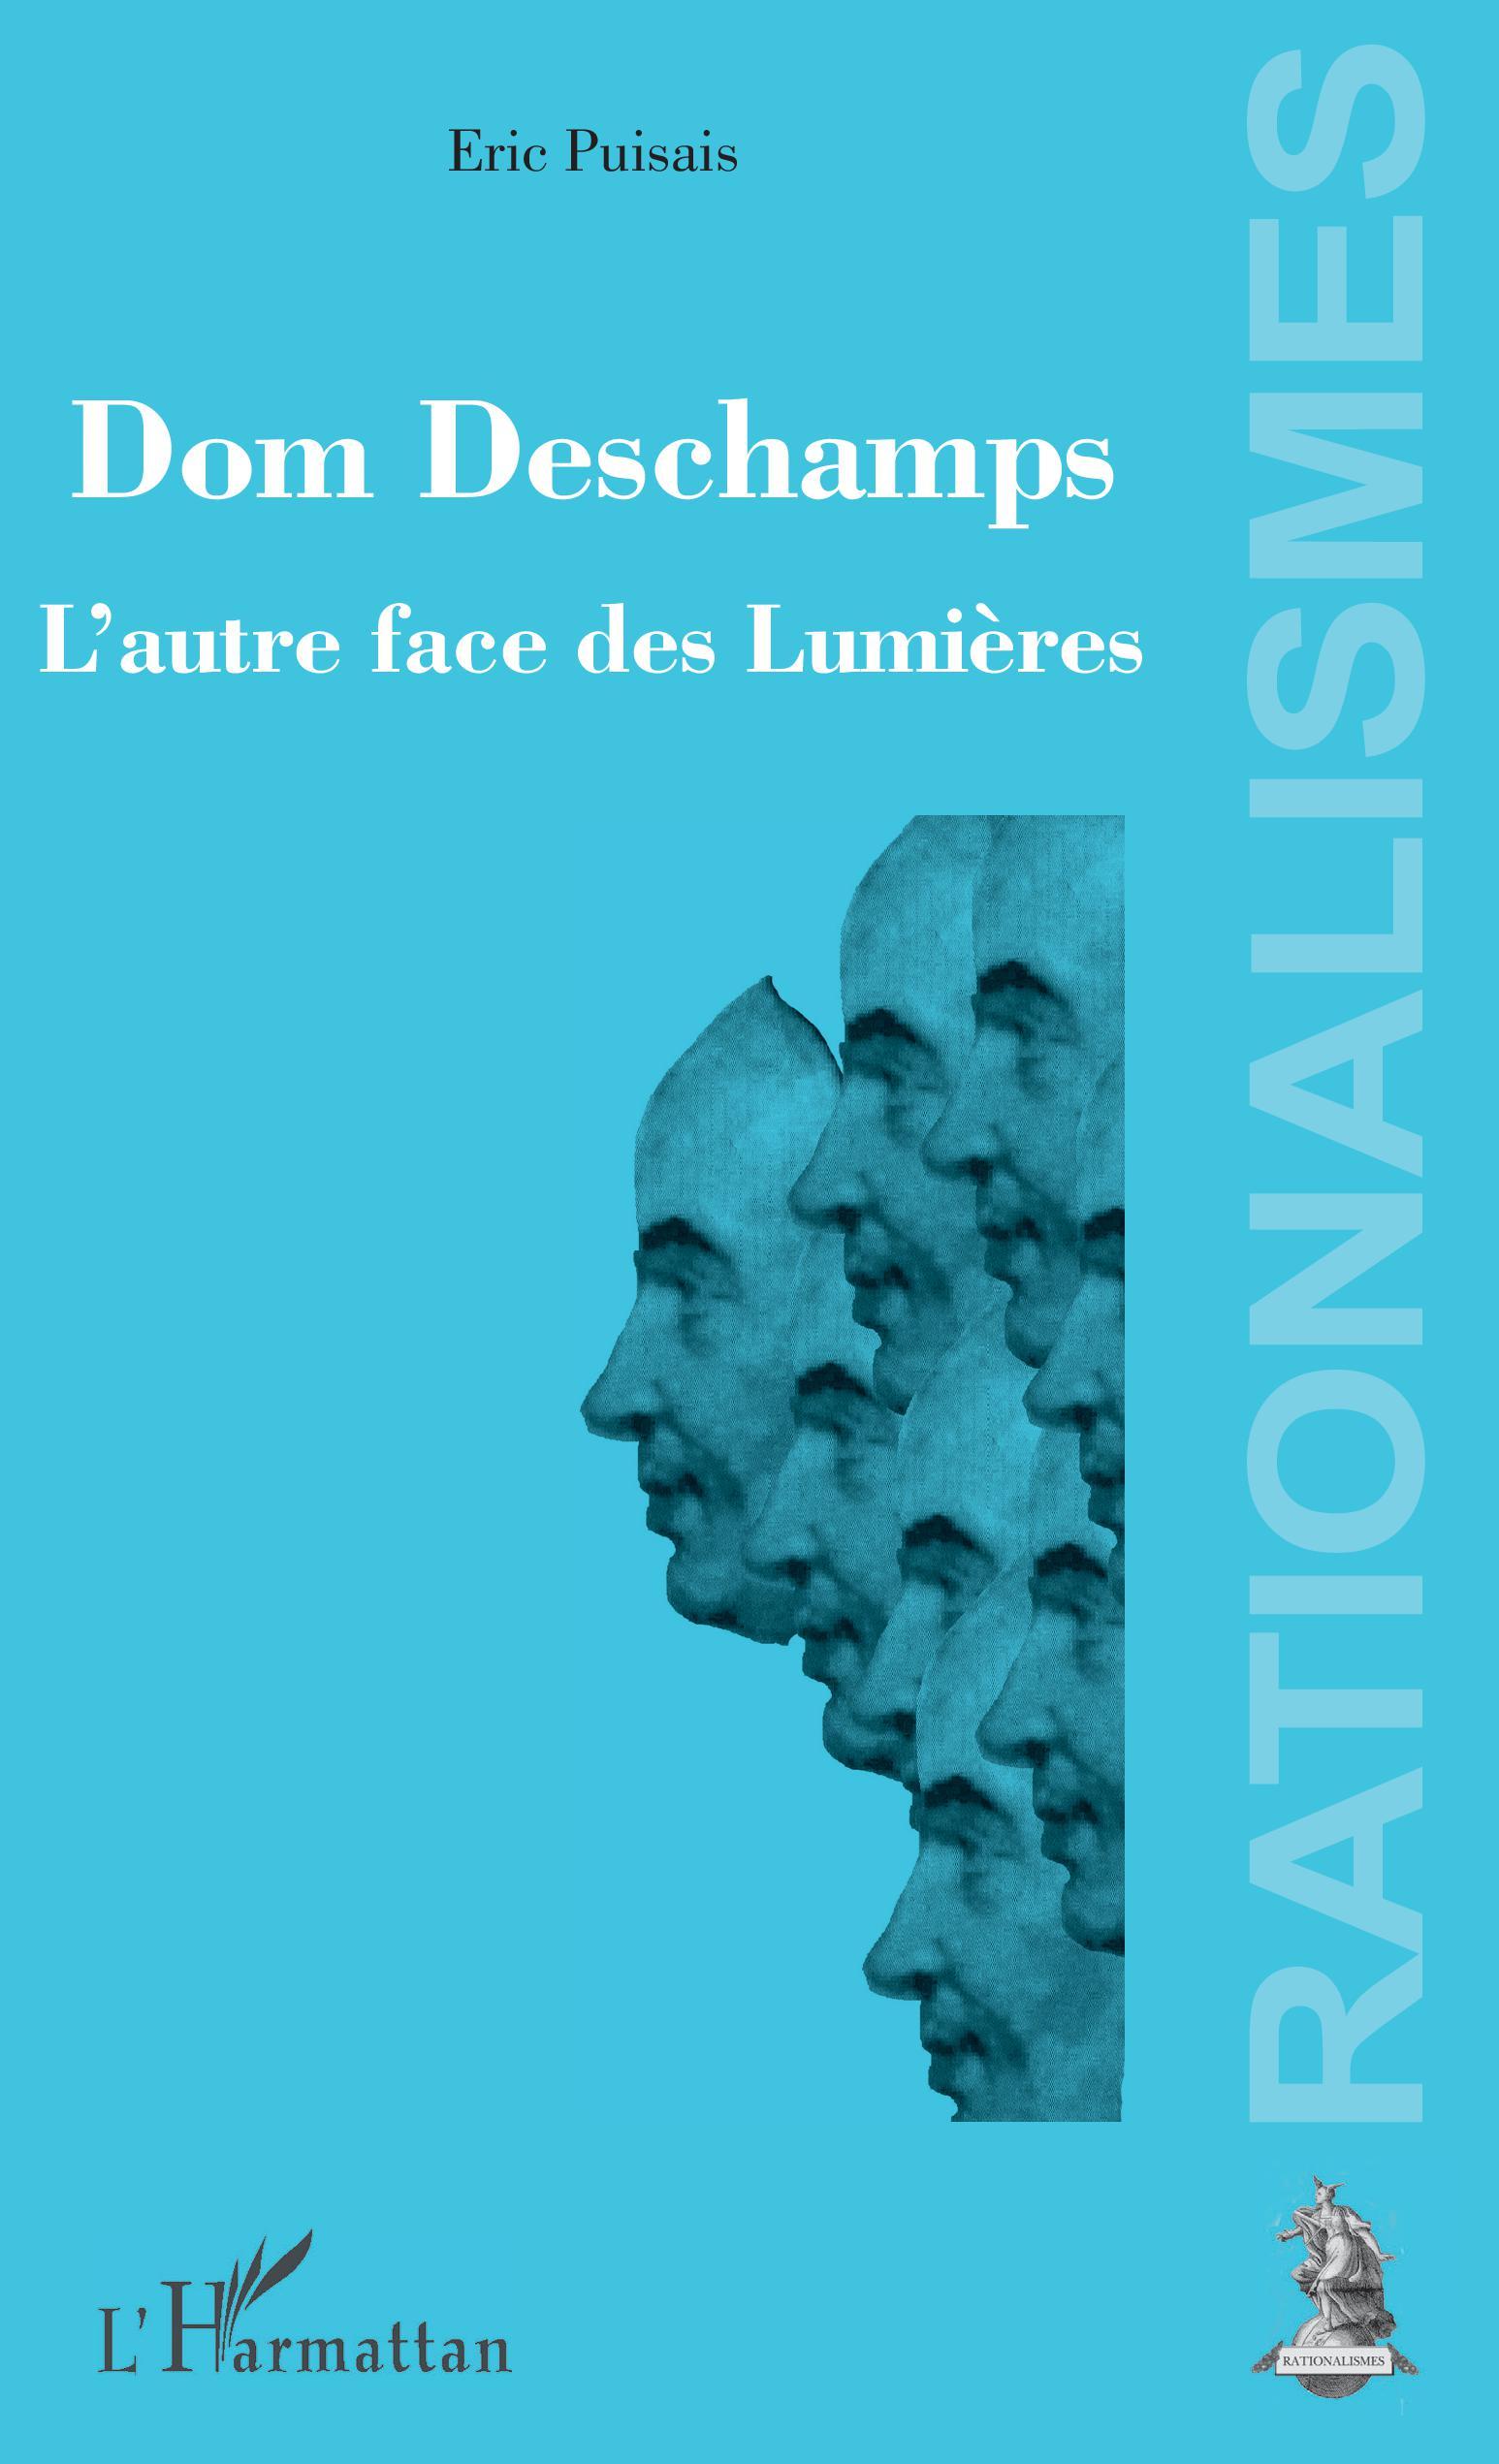 E. Puisais, Dom Deschamps - L'Autre face des Lumières